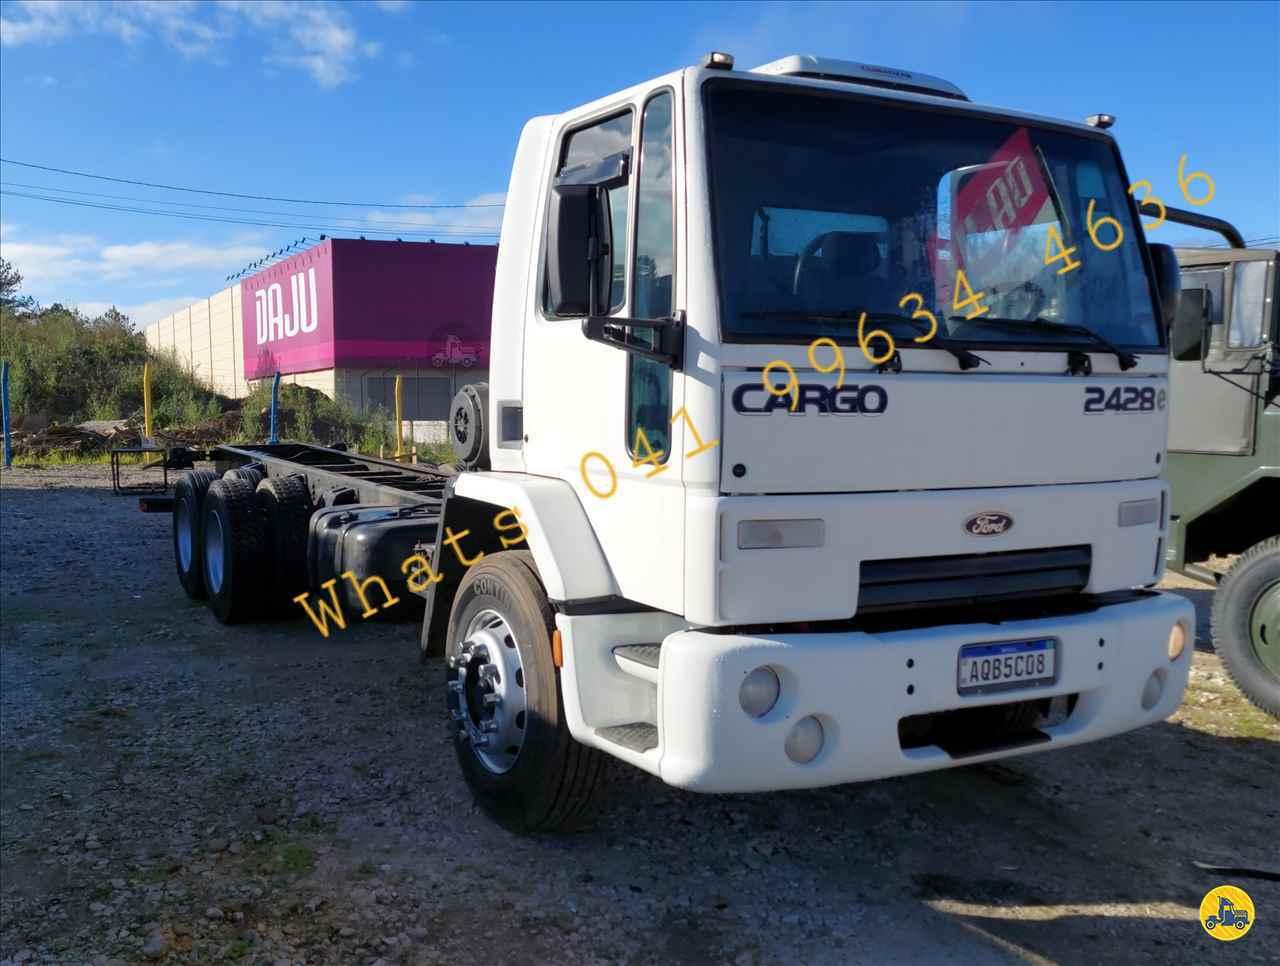 CAMINHAO FORD CARGO 2428 Chassis Truck 6x2 CRM Caminhões Curitiba CAMPINA GRANDE DO SUL PARANÁ PR